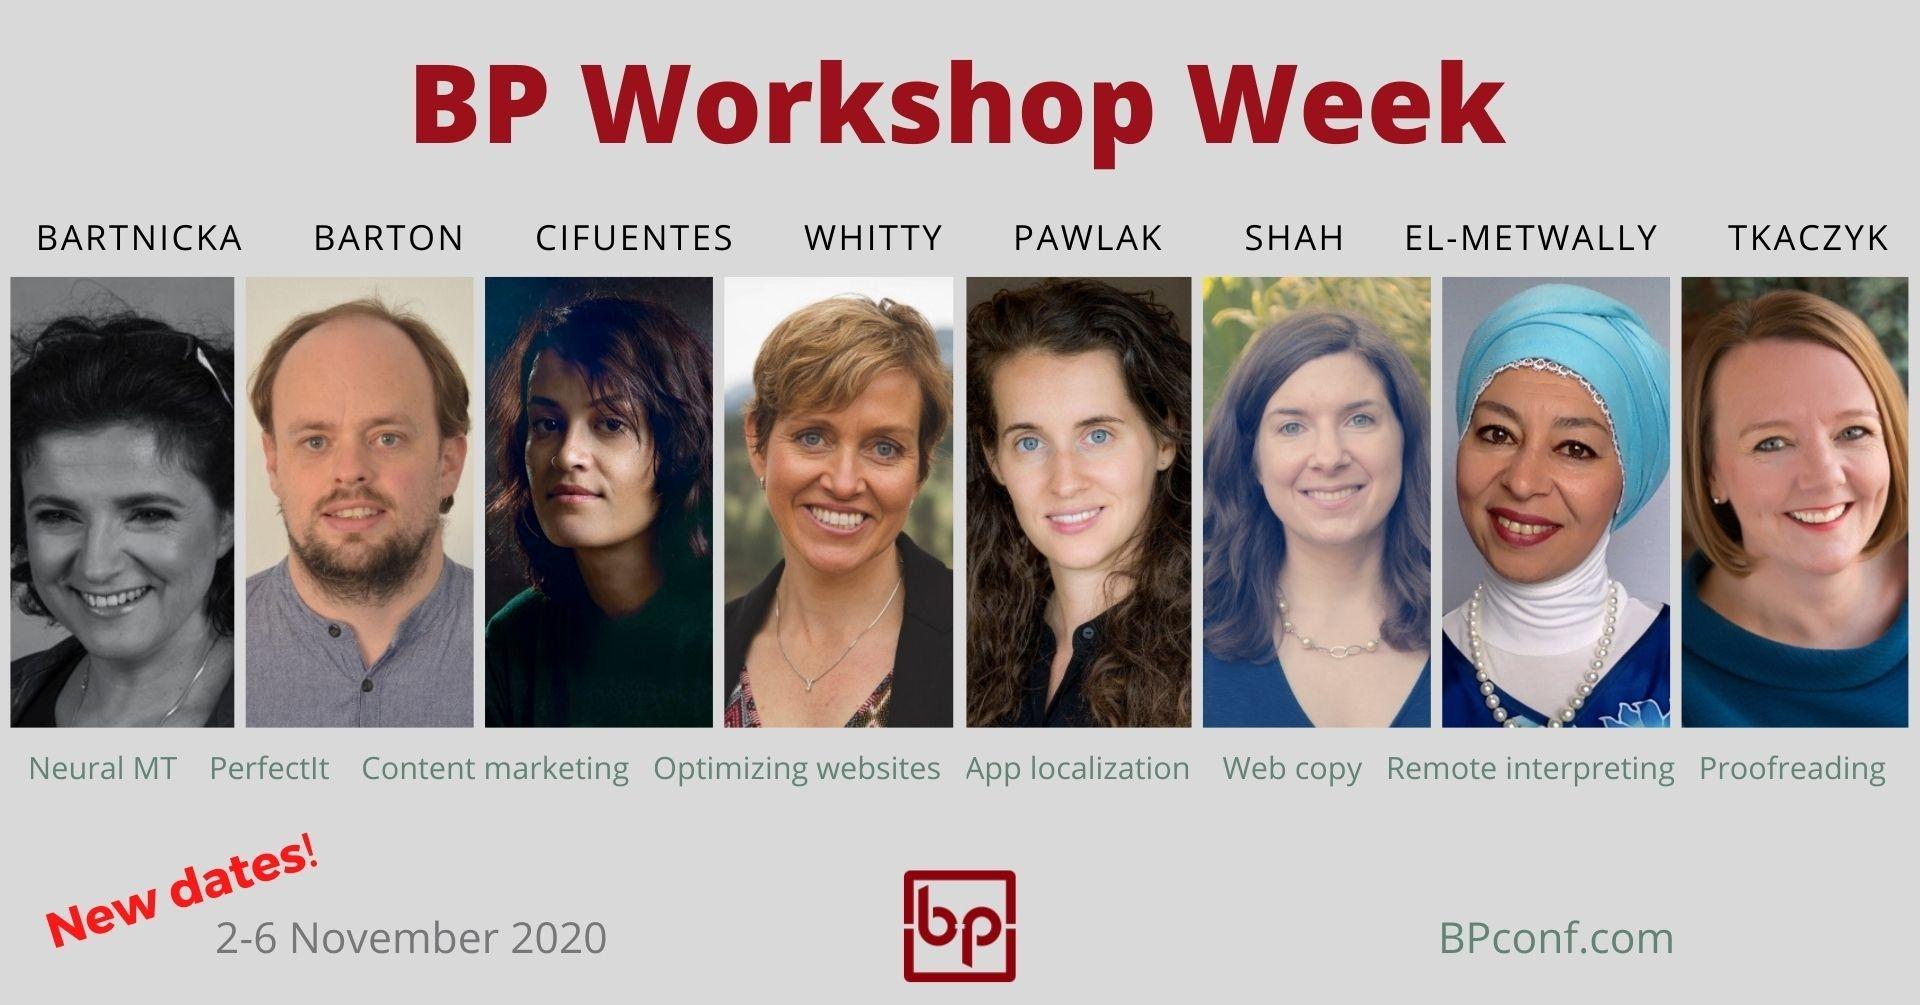 BP Workshop Week